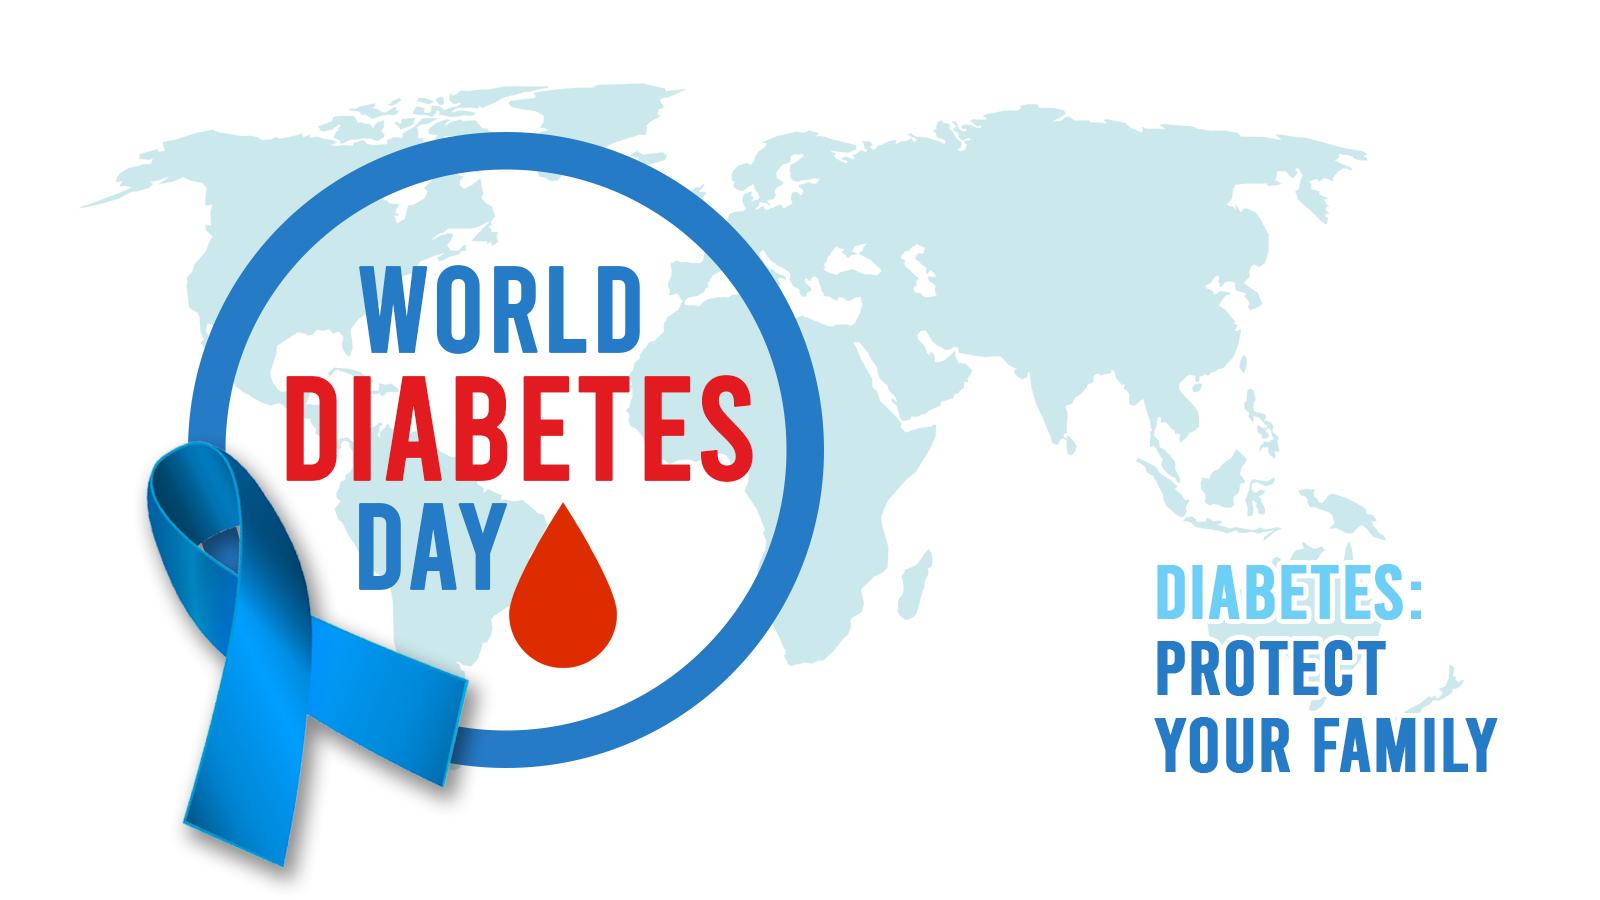 ကမာၻ႕ဆီးခ်ိဳ ေရာဂါ ေန႔(World Diabetes Day)